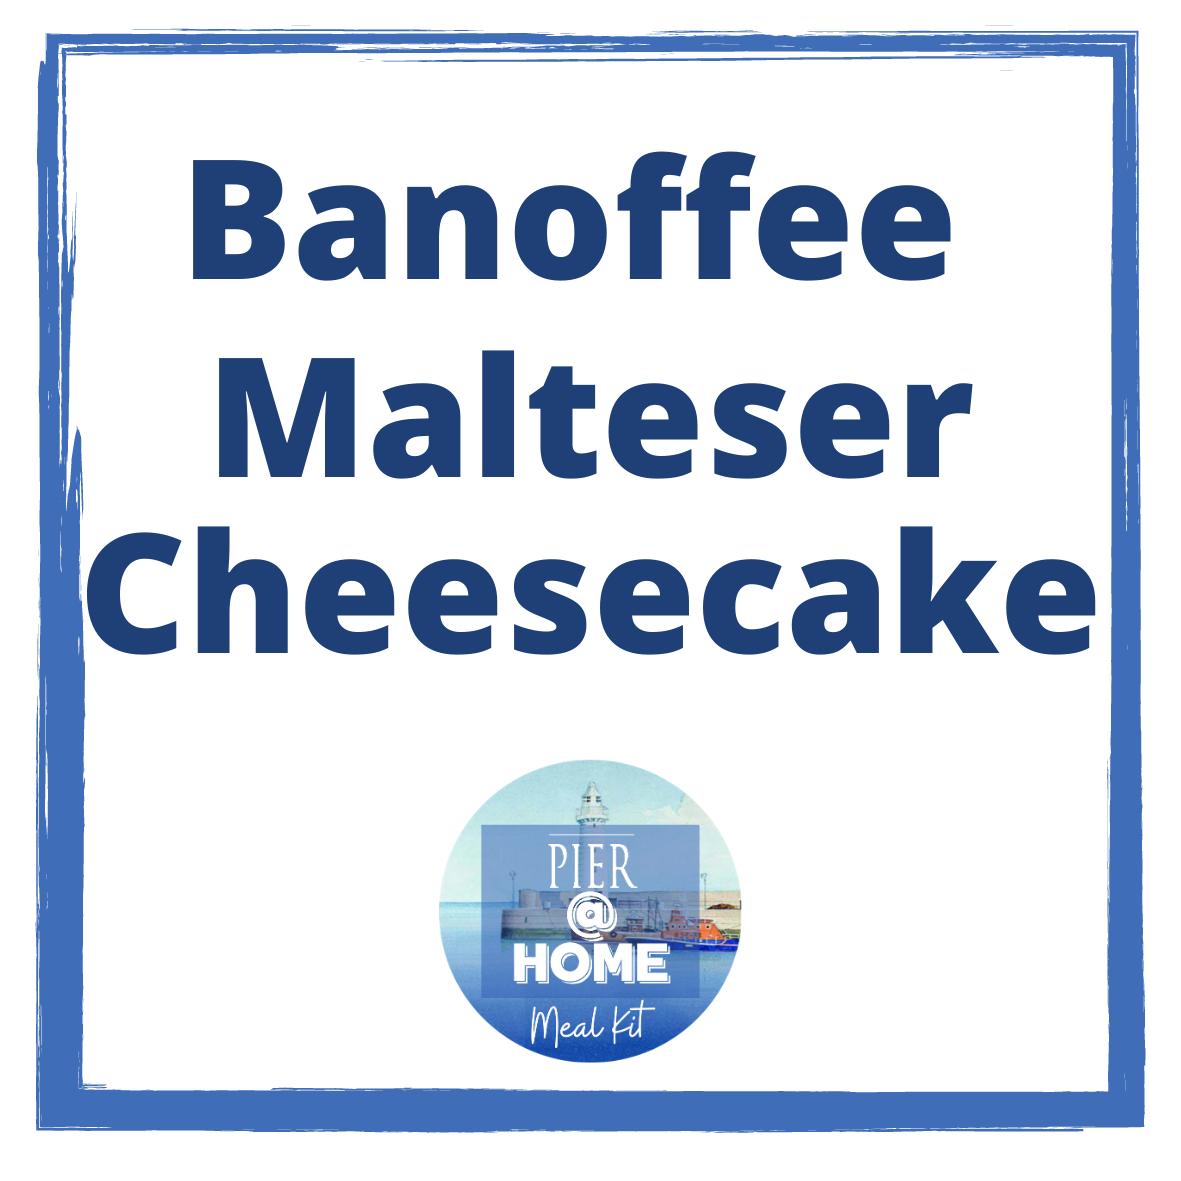 Banoffee Malteser Cheesecake